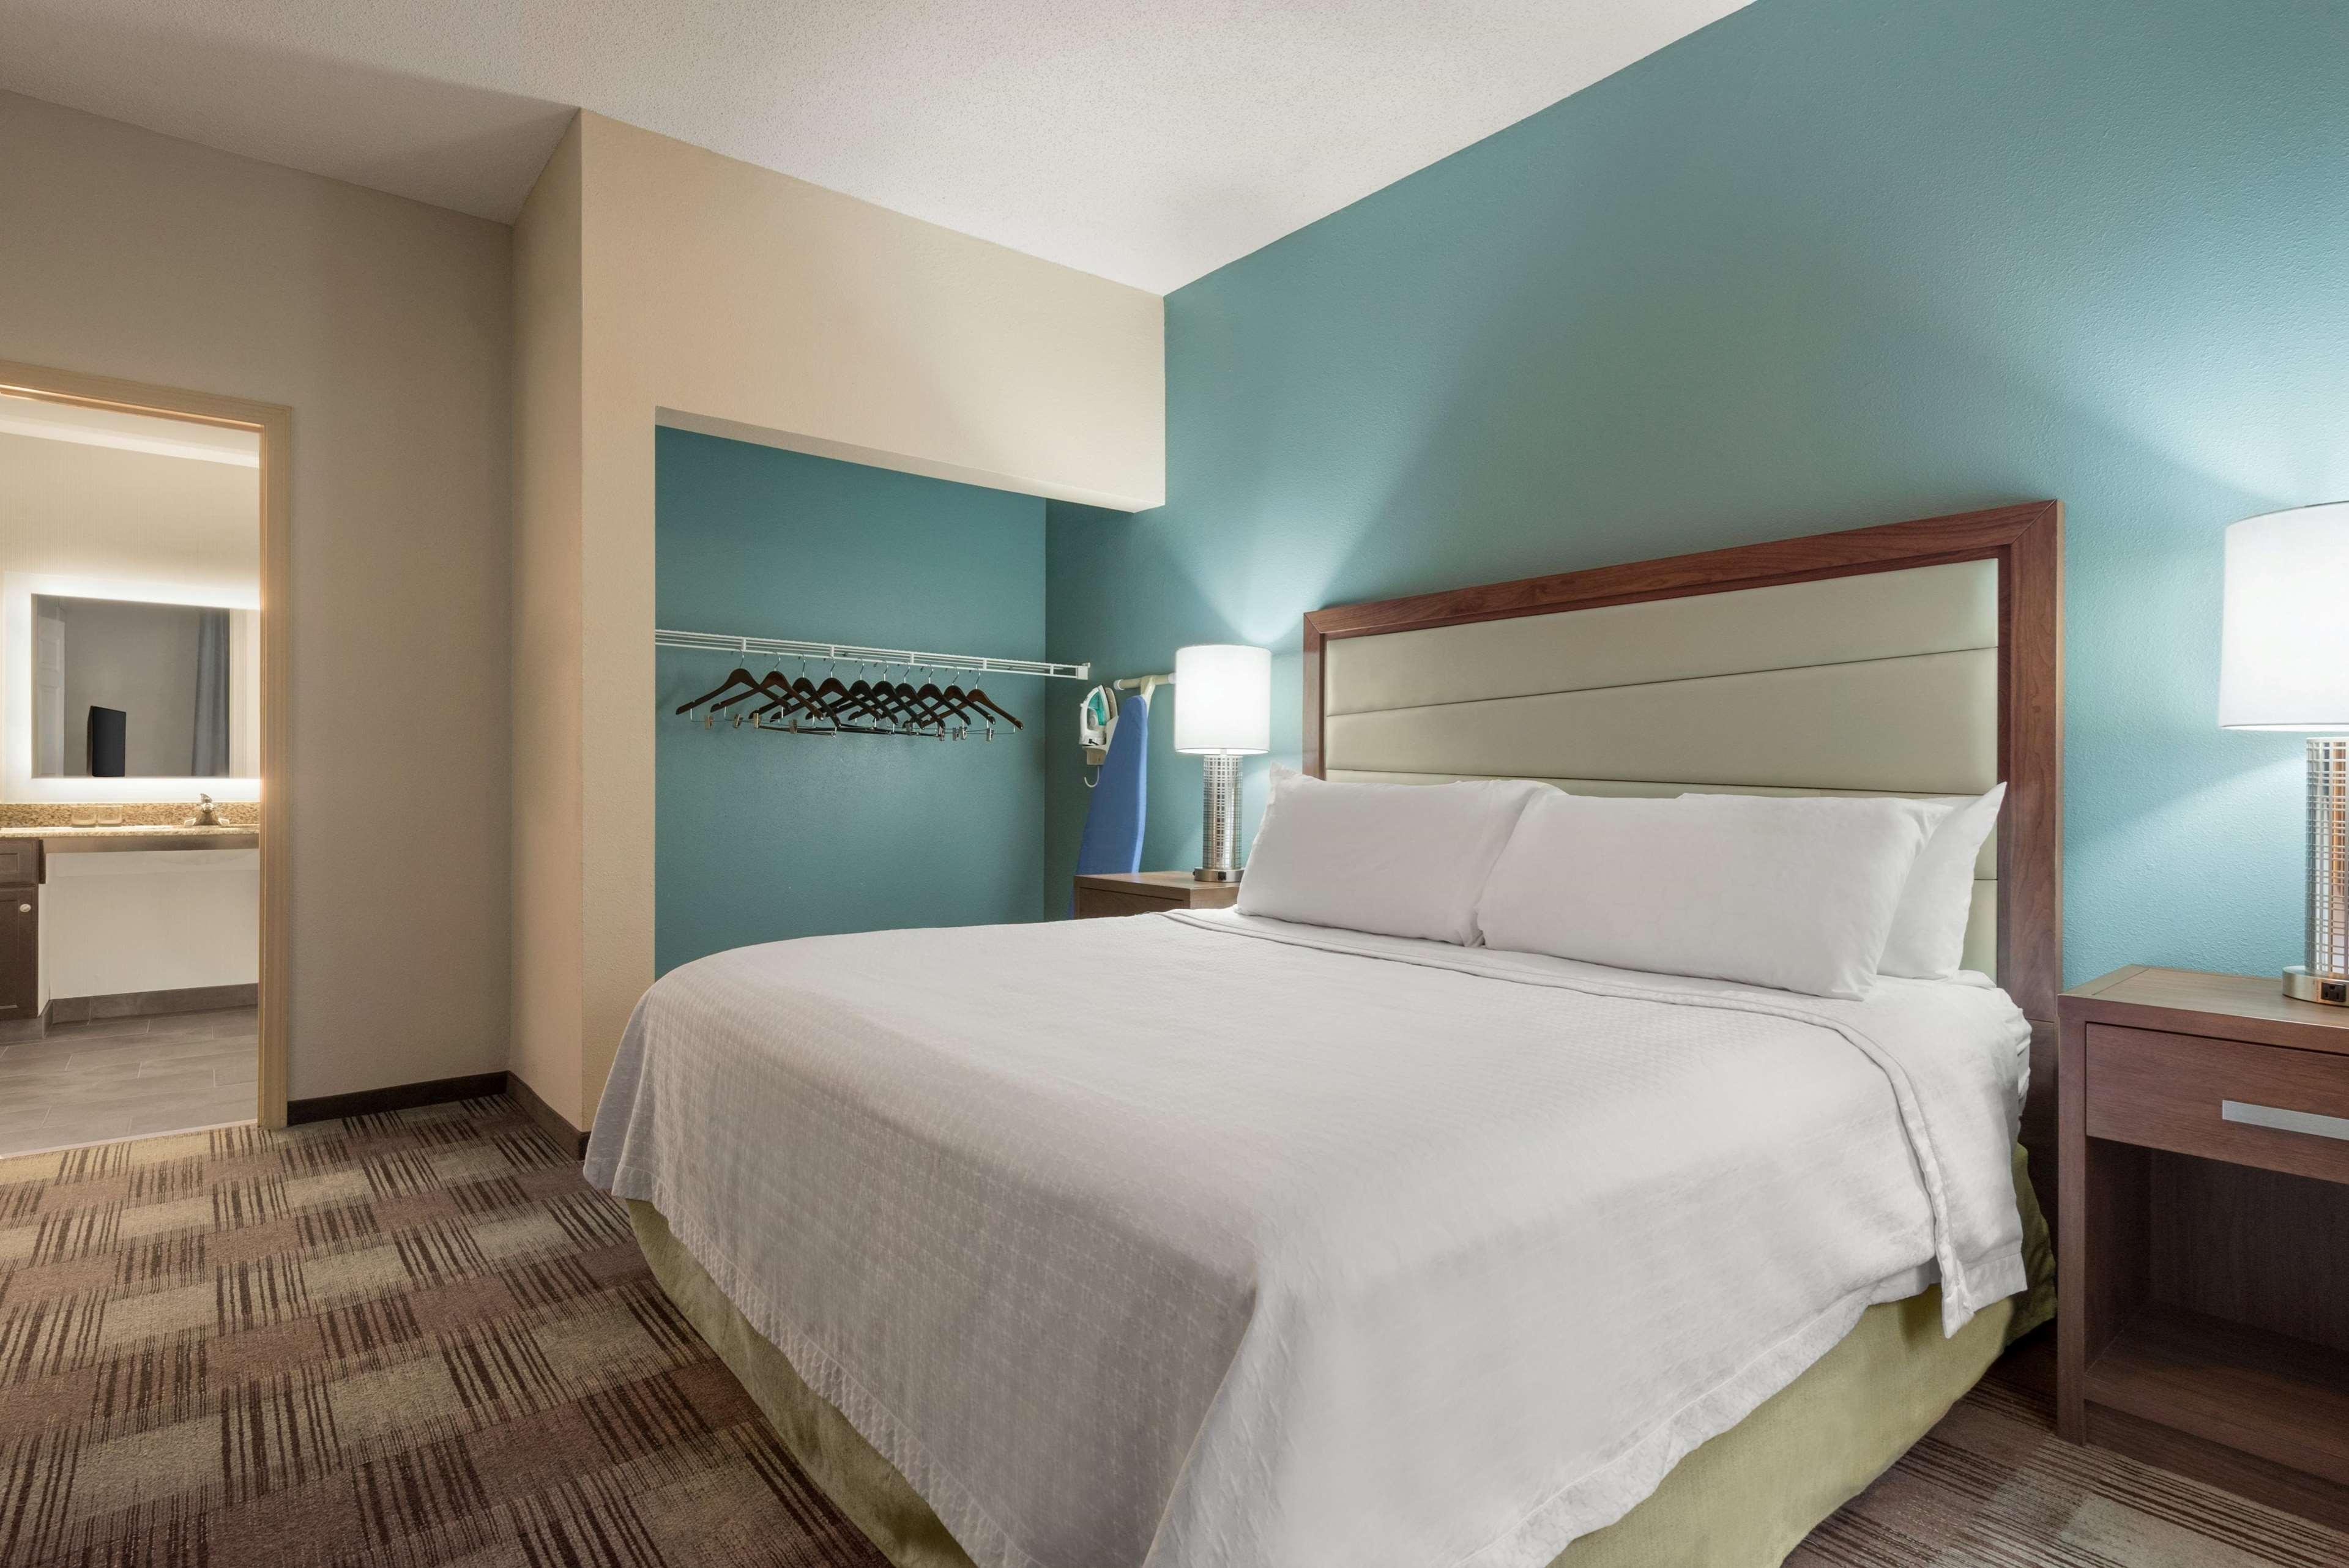 Homewood Suites by Hilton Charleston - Mt. Pleasant image 35